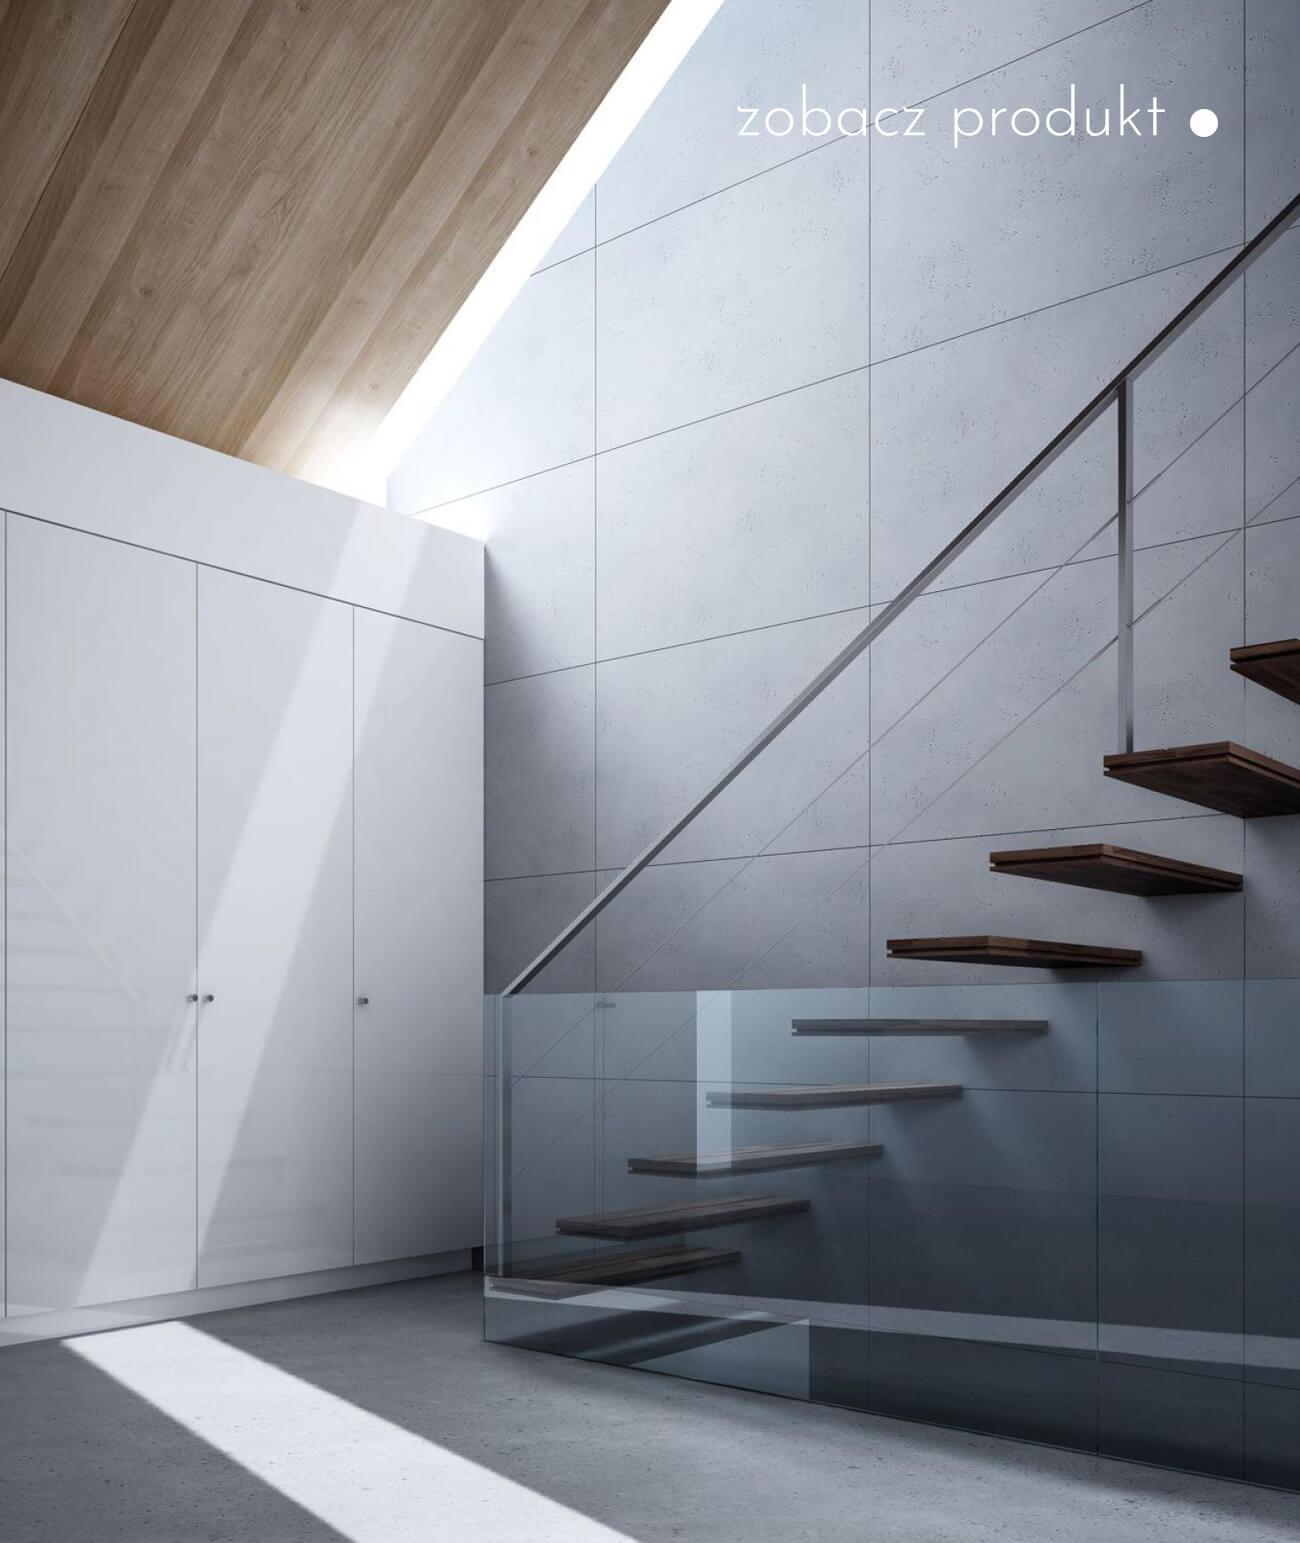 plyty-betonowe-scienne-i-elewacyjne-beton-architektoniczny_665-10432--b1-siwo-bialy---plyta-beton-architektoniczny-rozne-wymiary